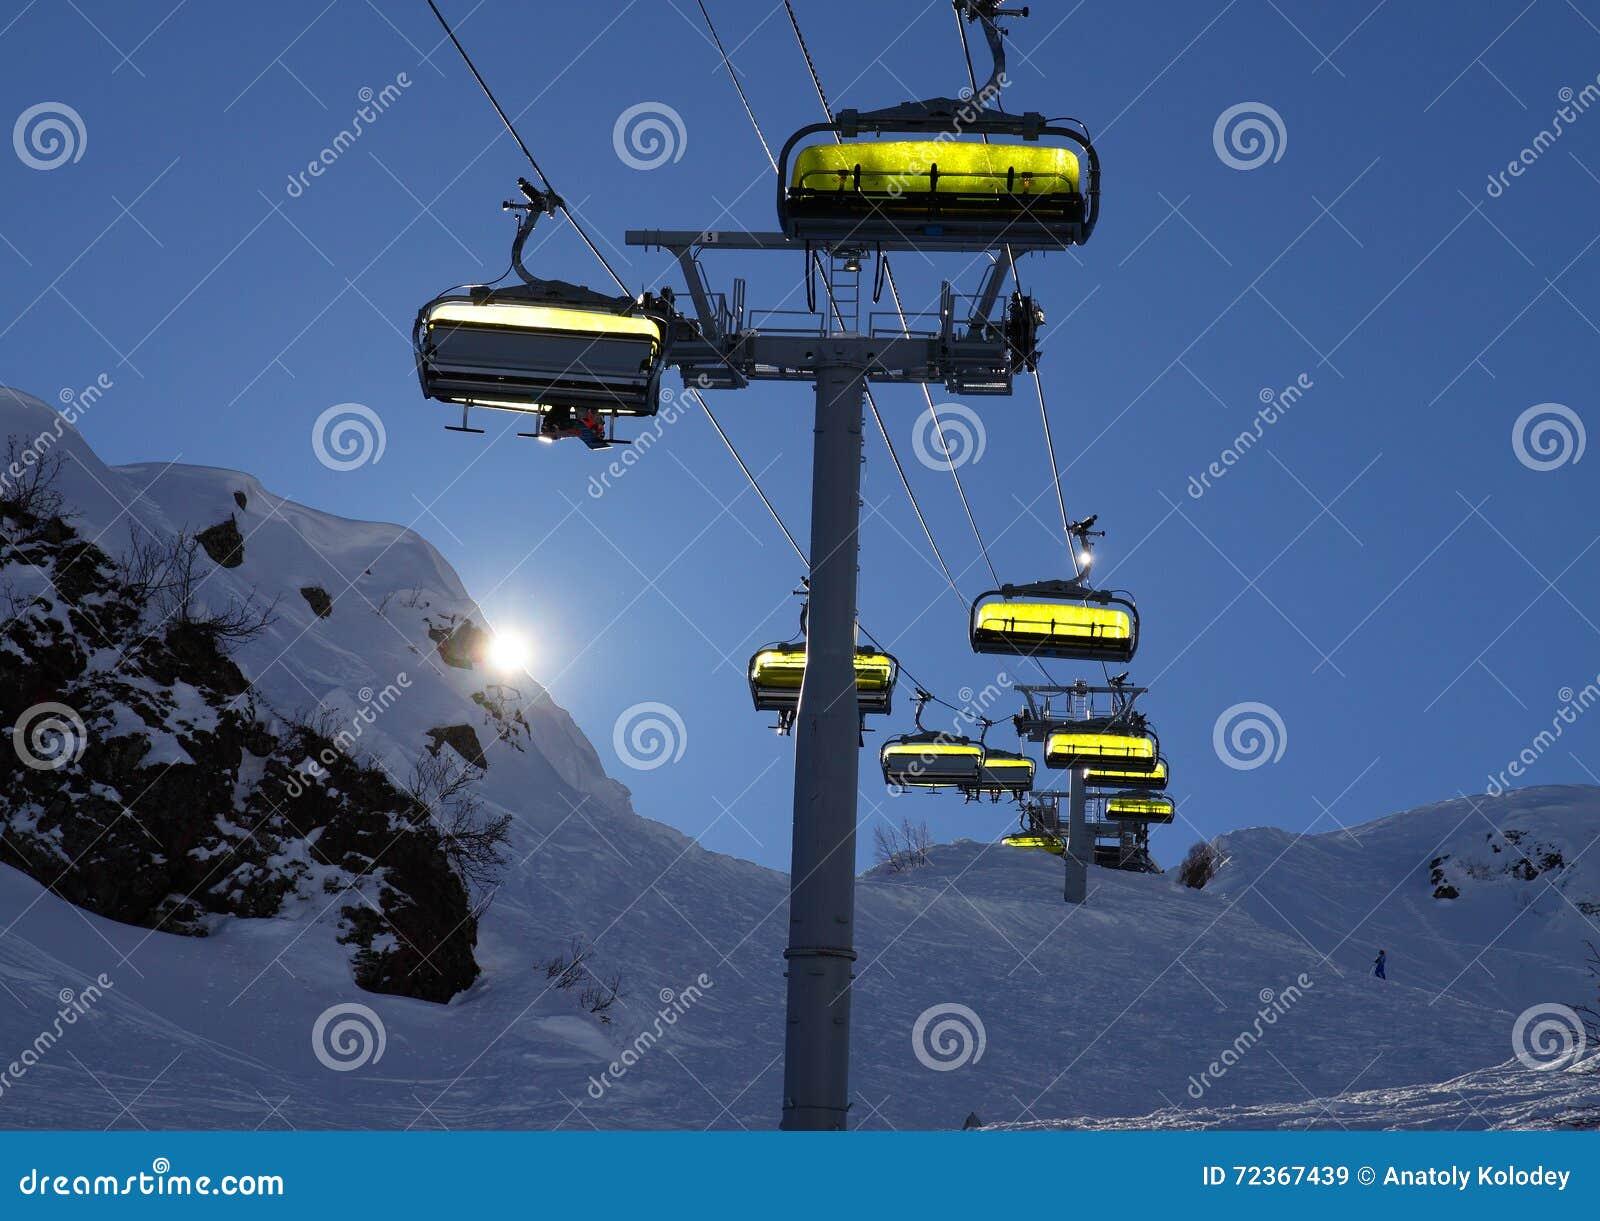 滑雪电缆车由后照与明亮的太阳